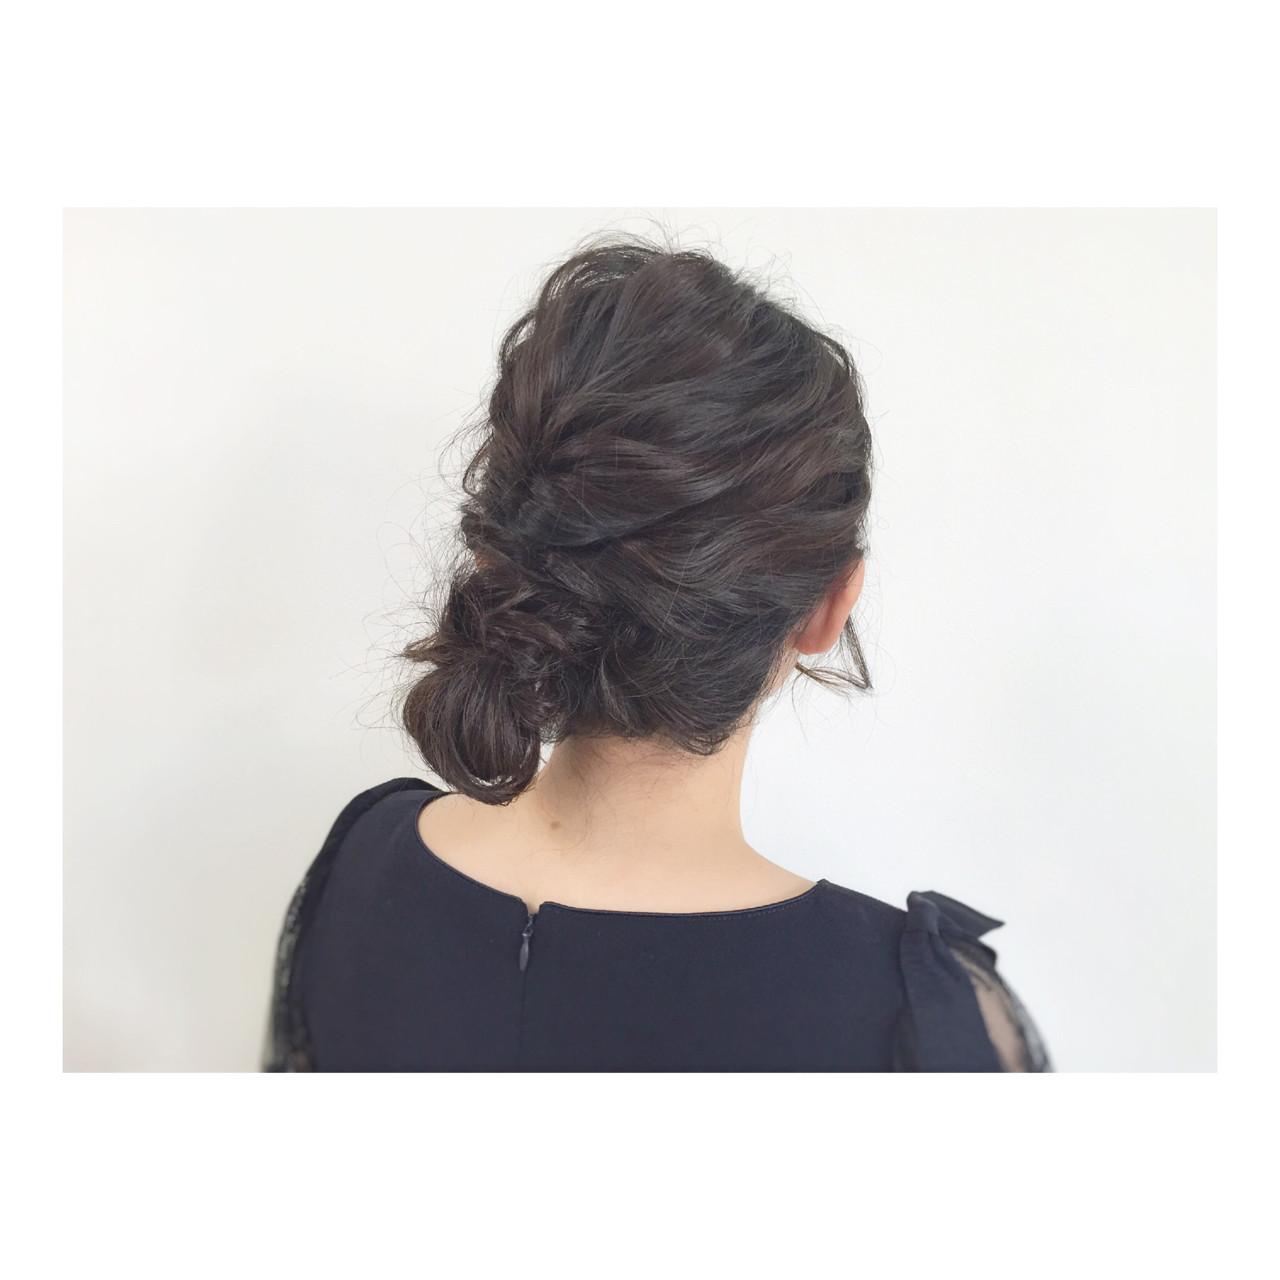 ヘアアレンジ ミディアム 大人かわいい シニヨン ヘアスタイルや髪型の写真・画像